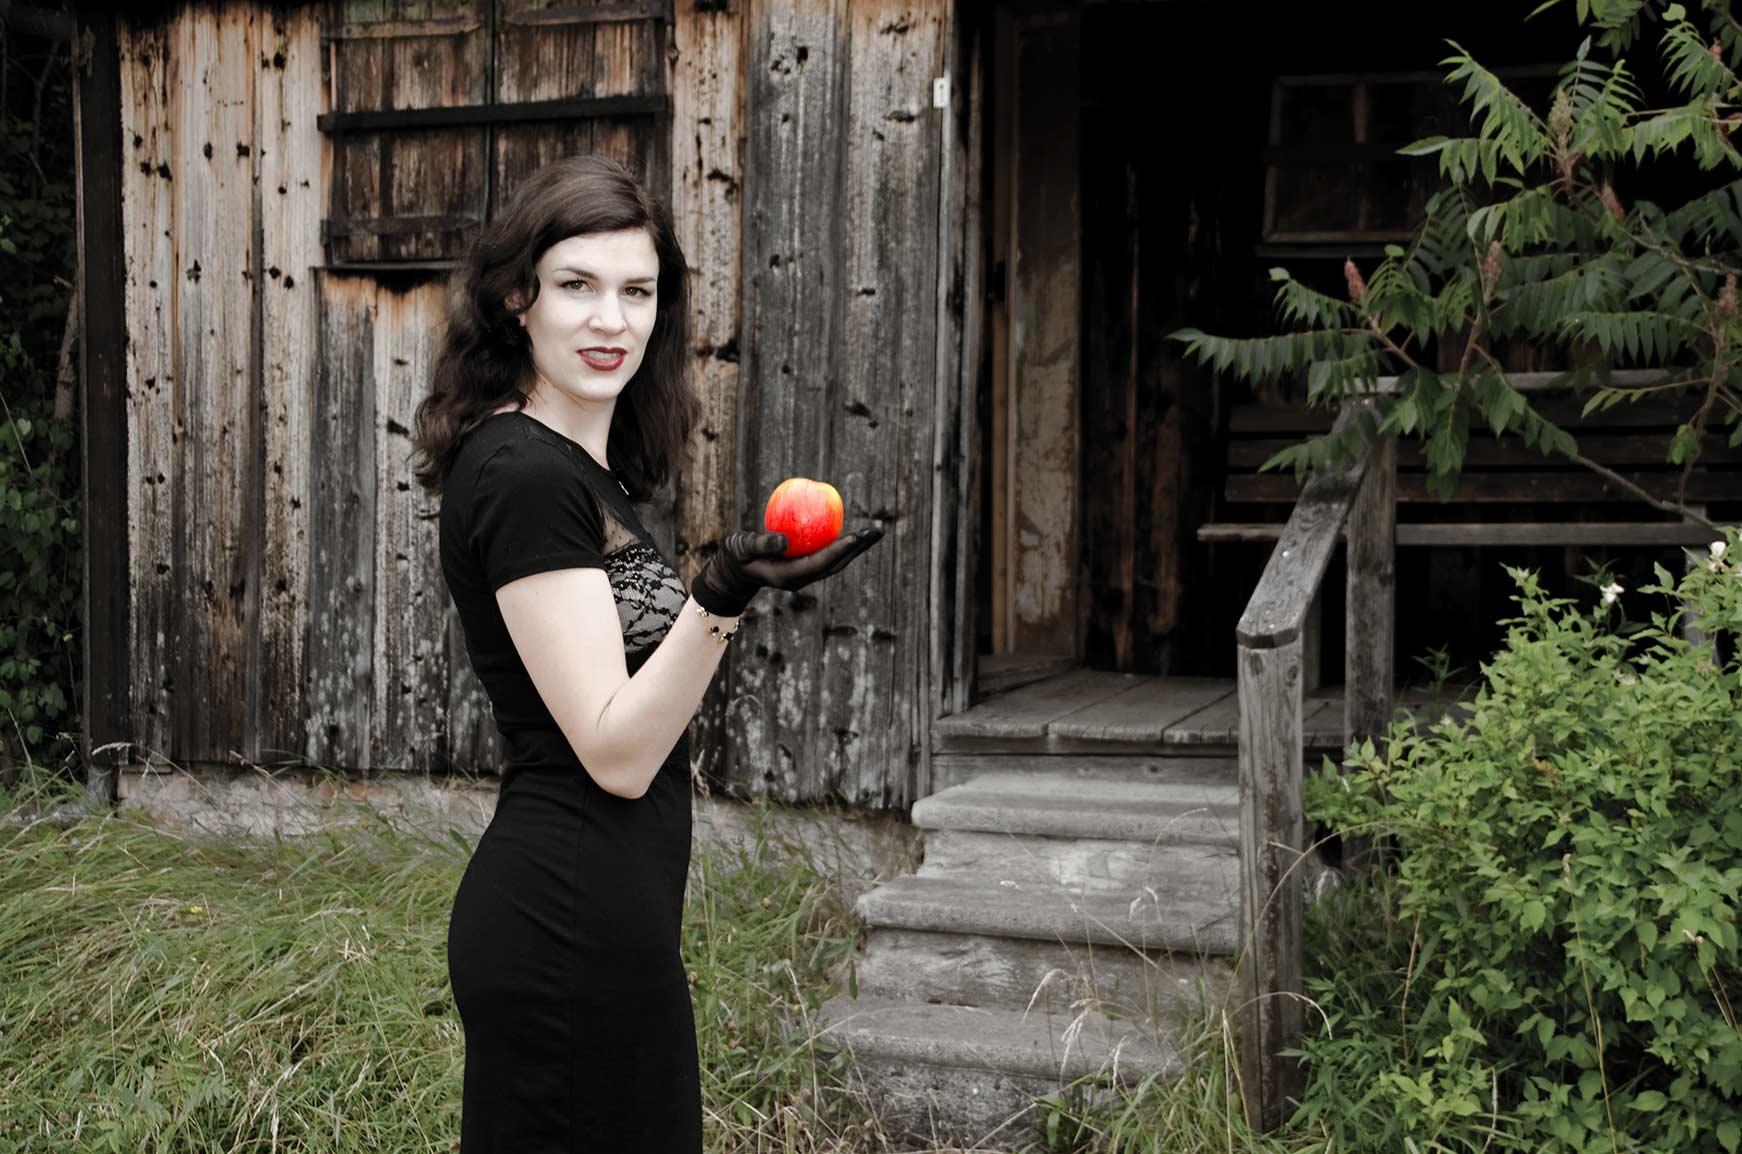 RetroCat mit Spitzenkleid und Apfel